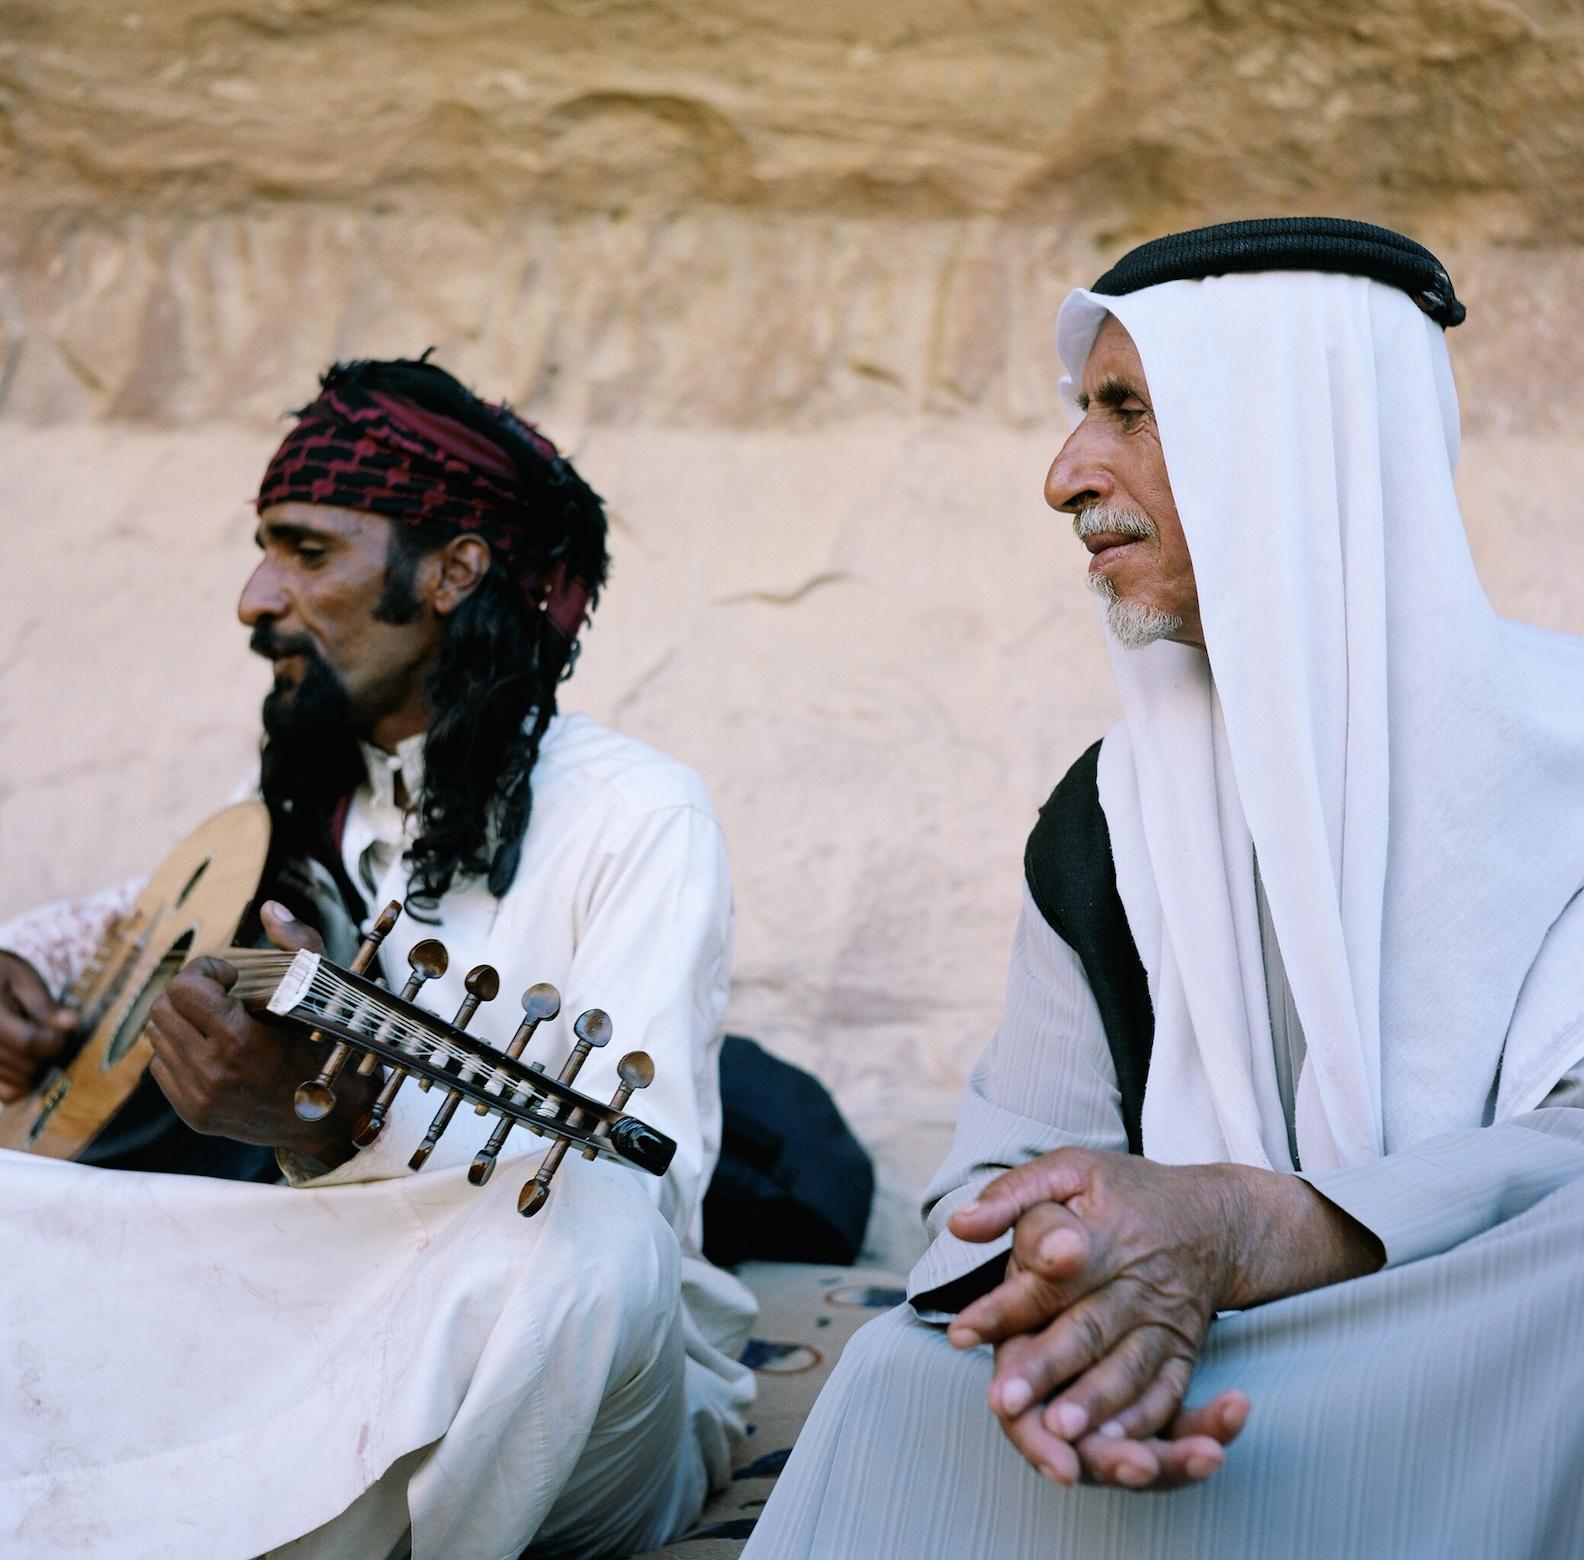 Eid_desert_singing.JPG